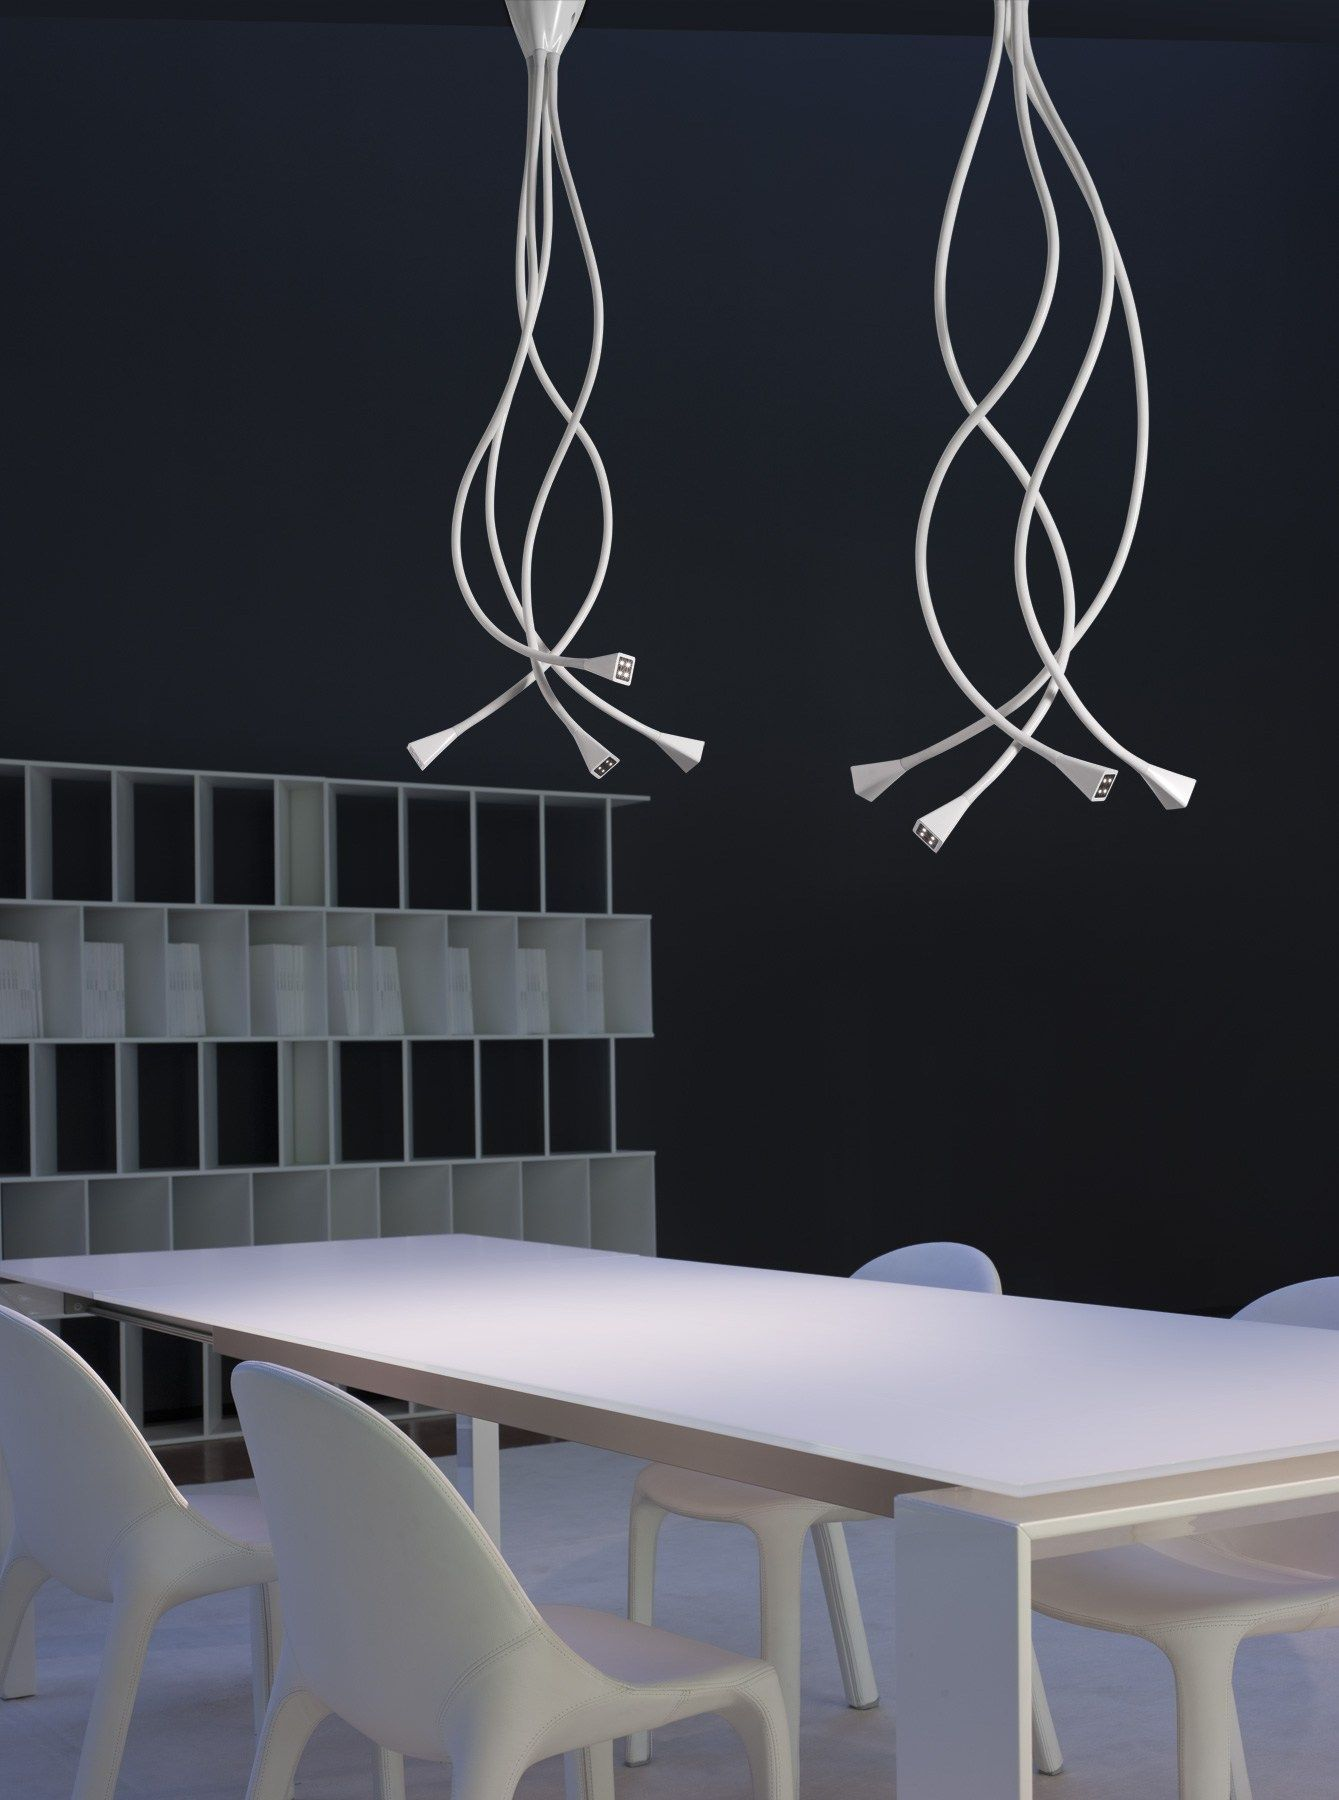 Lampada da soffitto a LED modulare VOLUPTAS Linea Mind-Led by AXO LIGHT | design Lorenzo Truant  Axo Light  #ceiling goo.gl/amkPsn